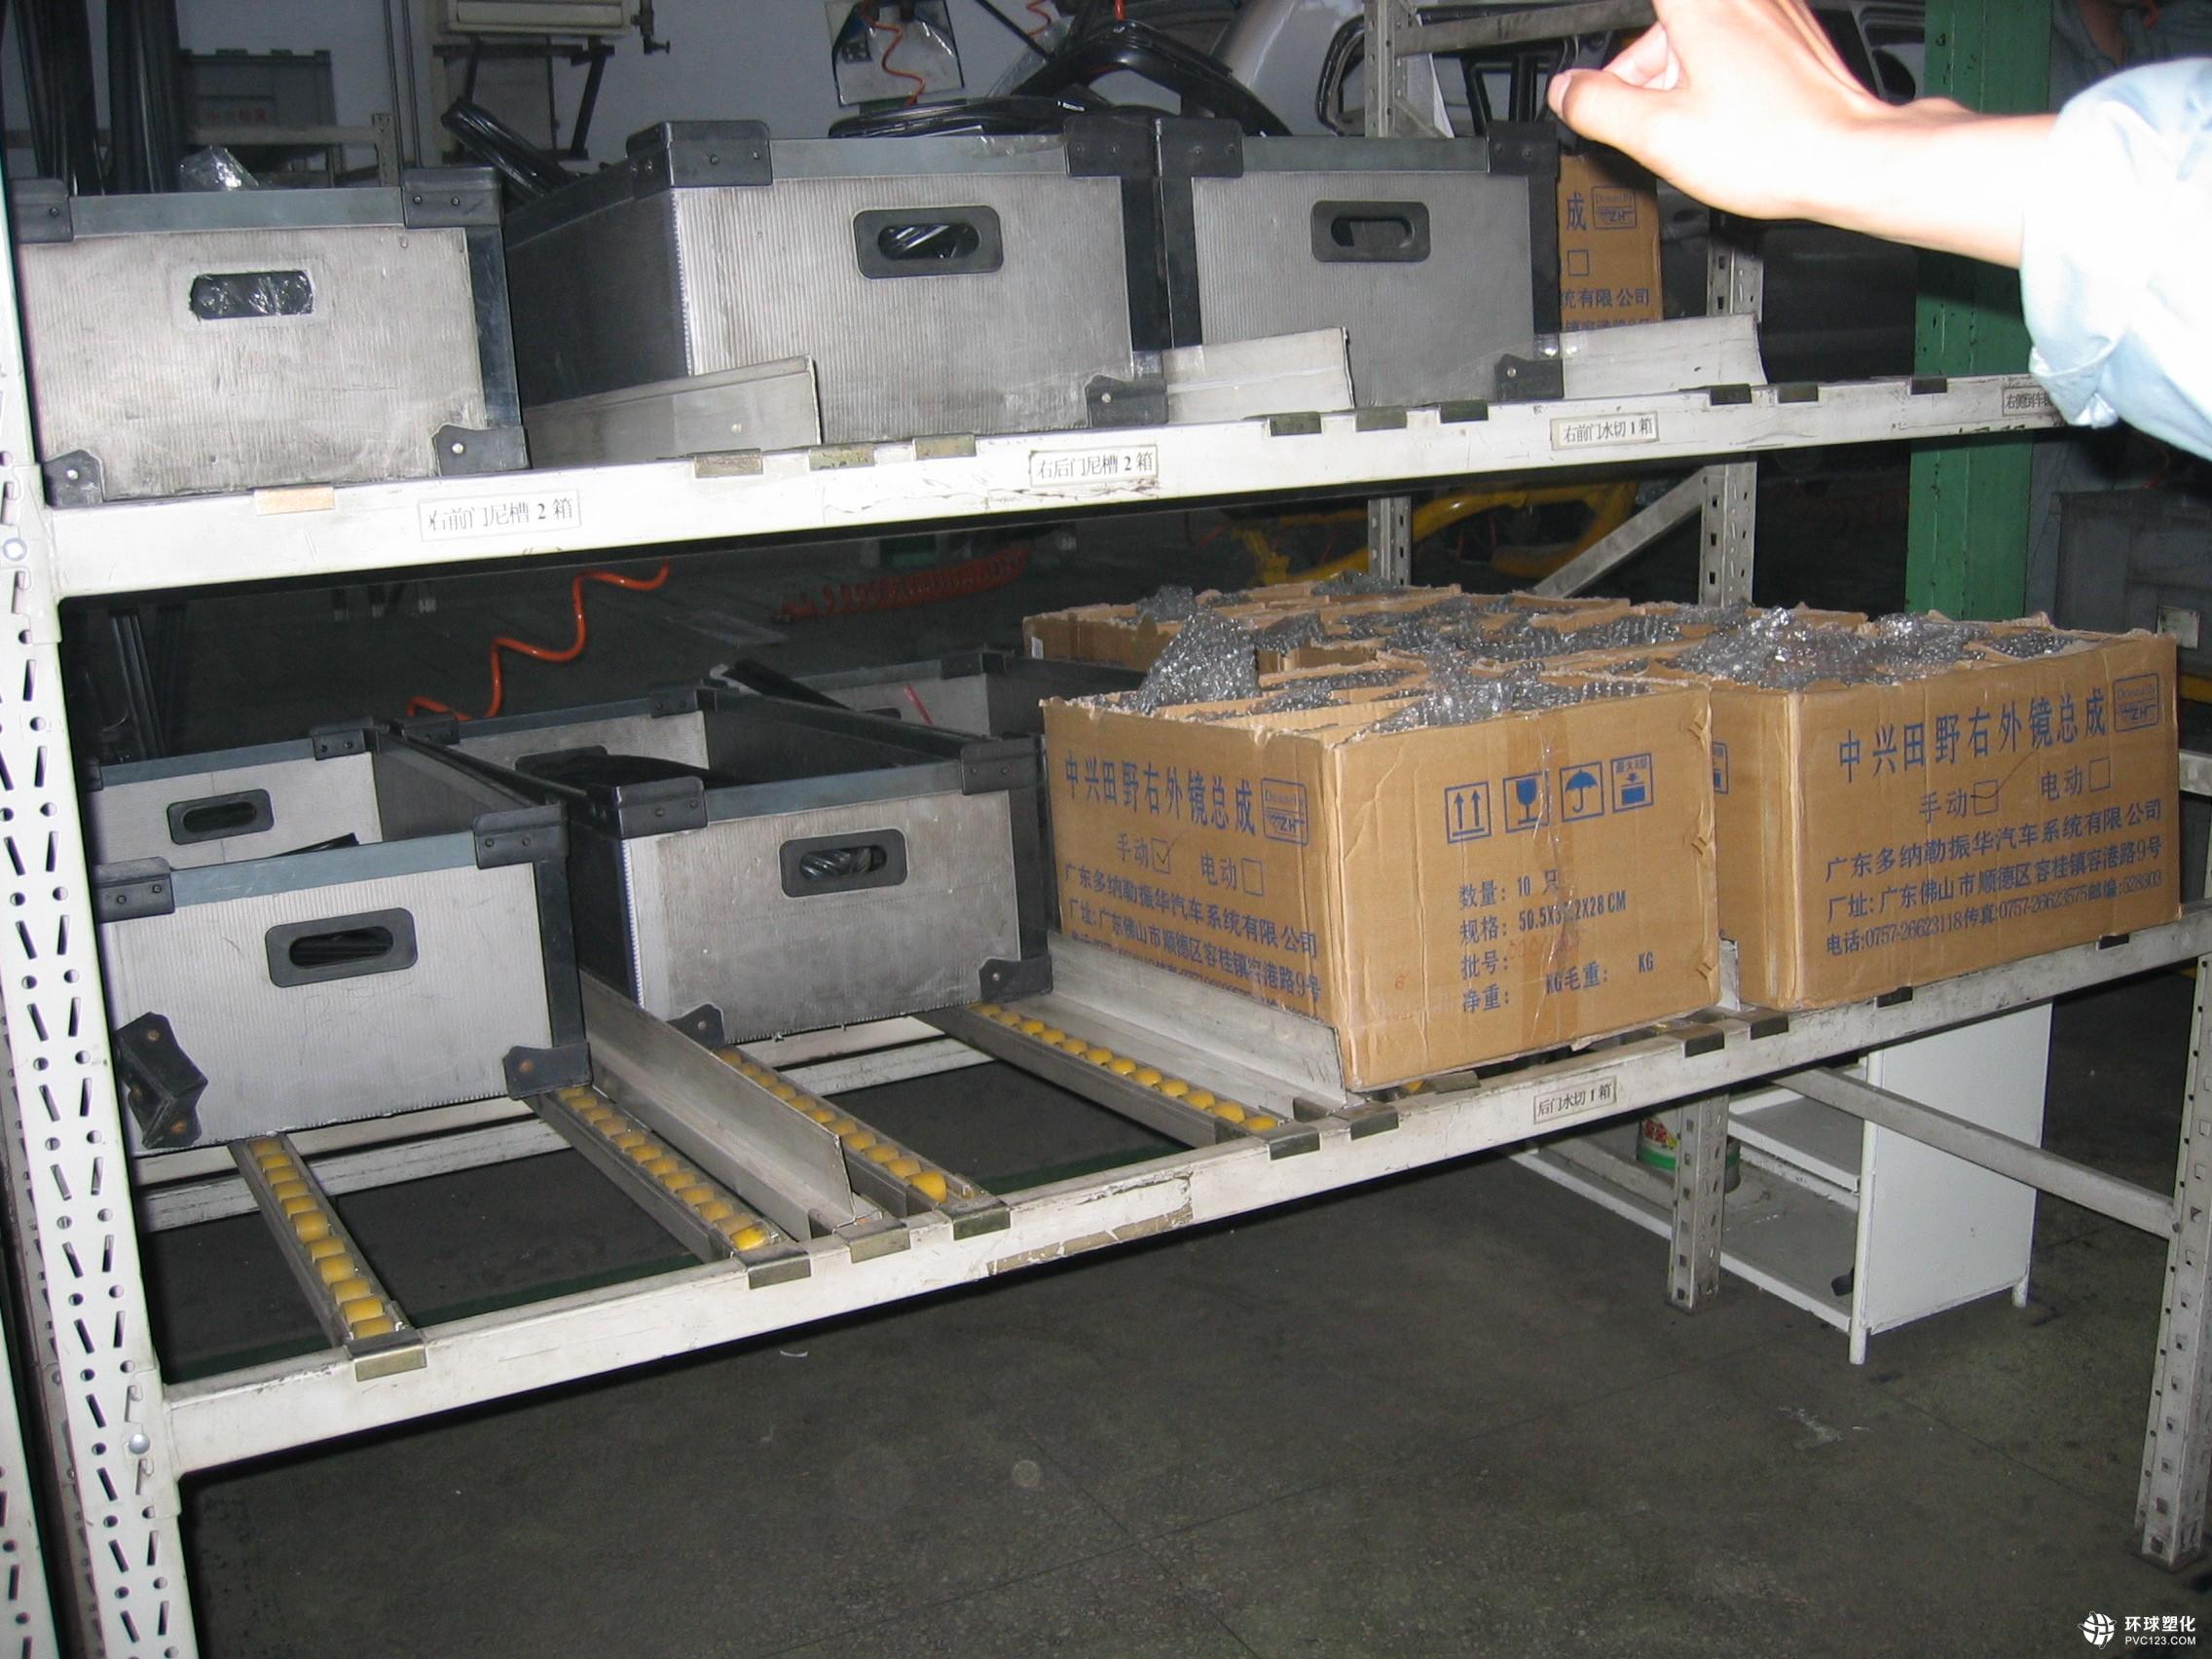 天津重型流利式货架  流利式货架 流利条货架